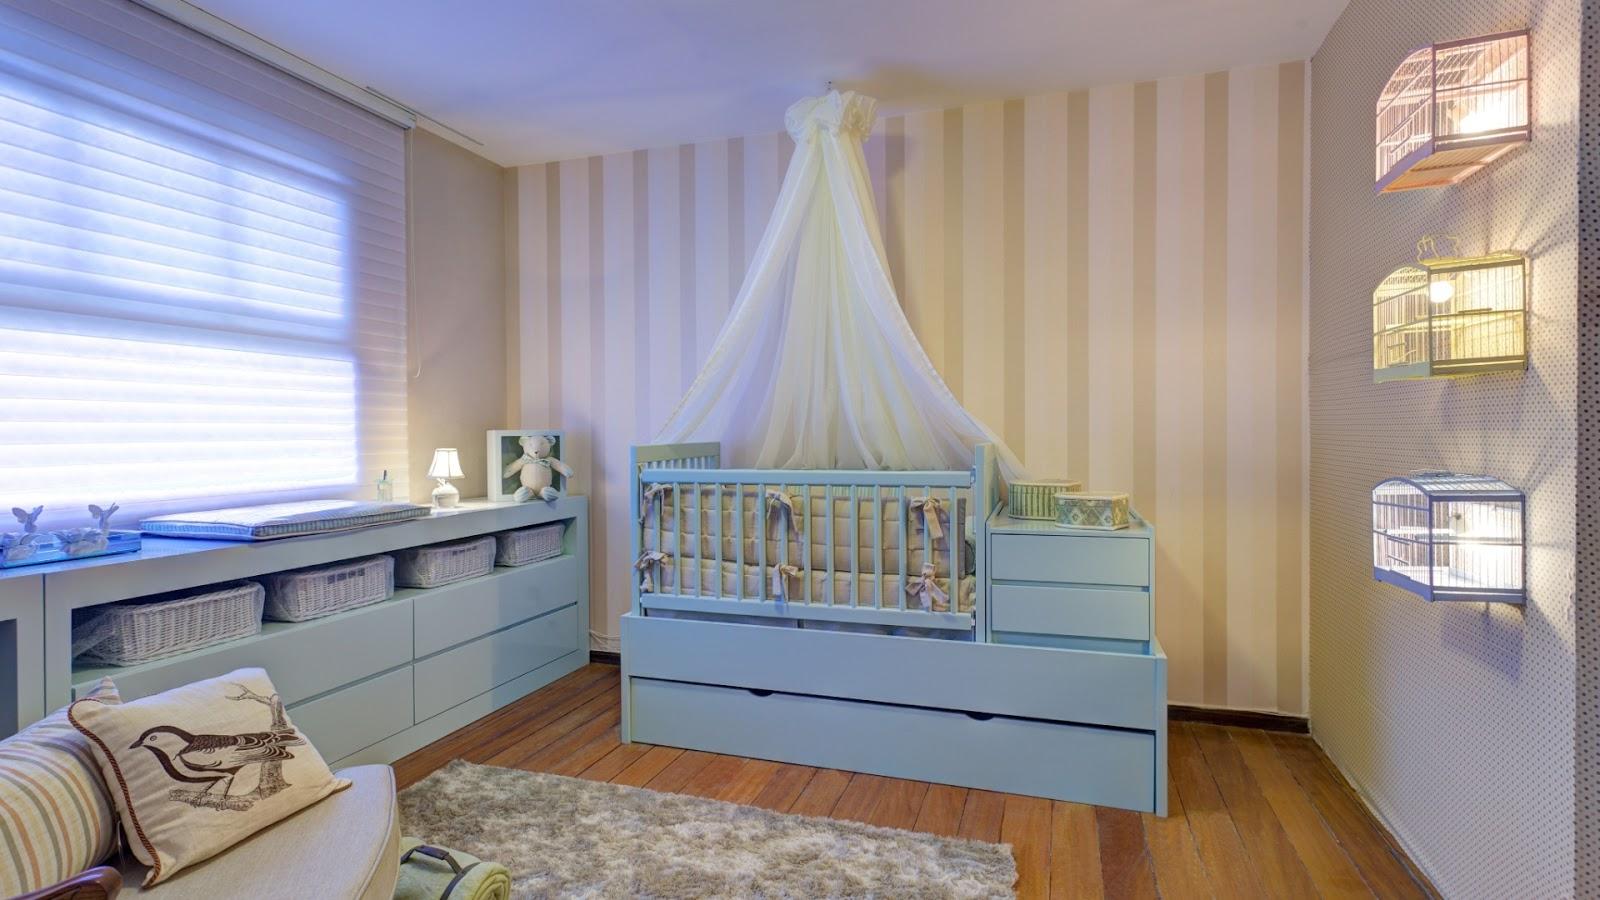 decoracao interiores quarto menino:MINHAS GRANDES PAIXÕES!!!: Quarto de Bebê